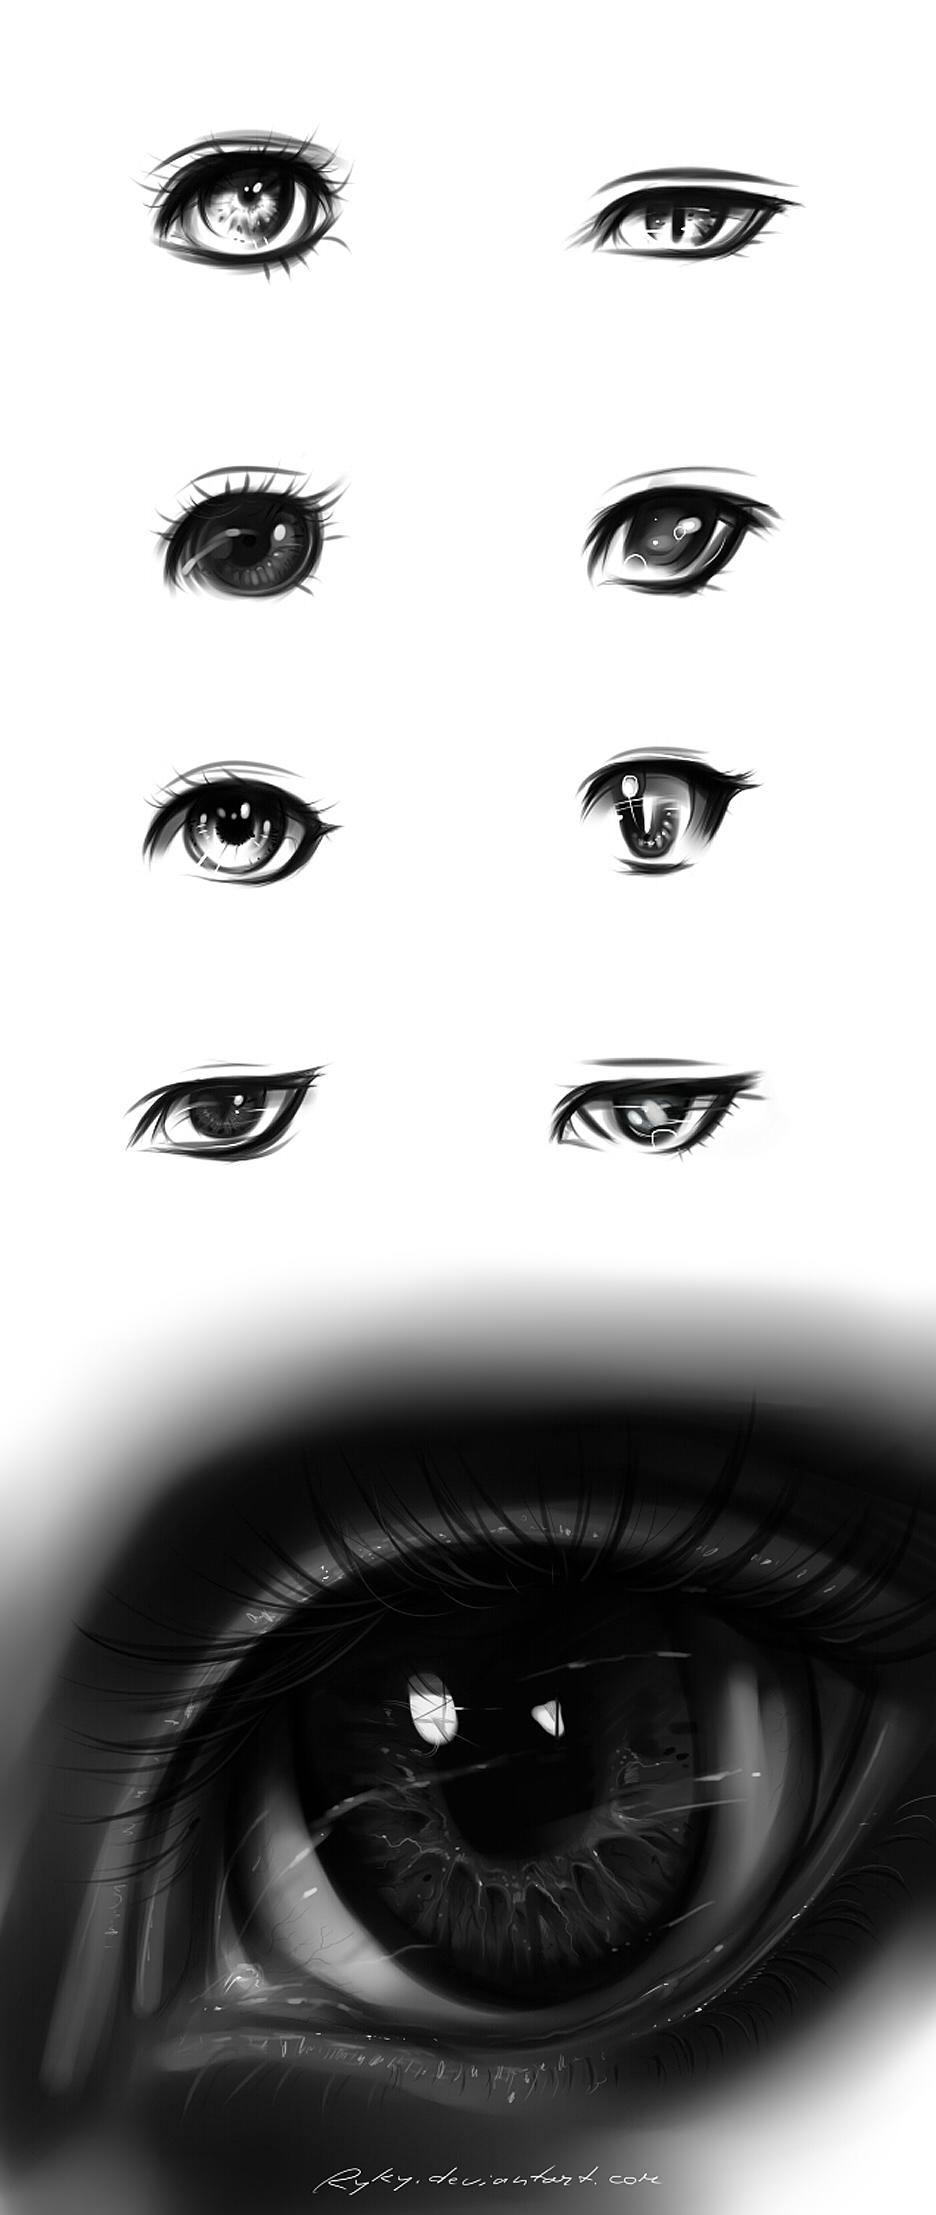 eyes type 2